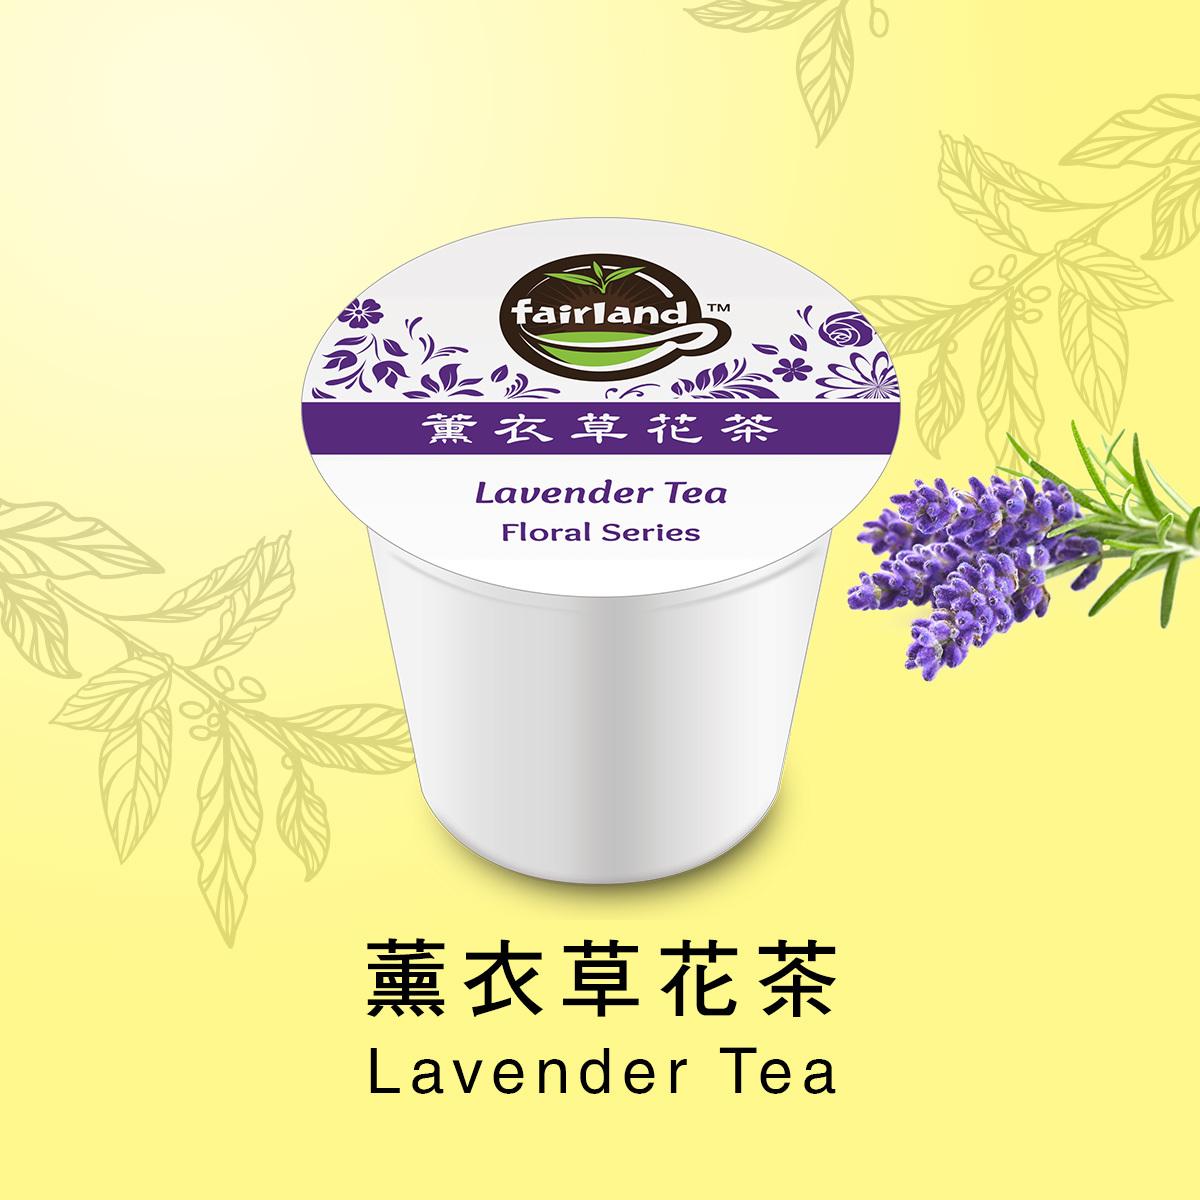 斐然莊園-薰衣草花茶 Lavender Tea.jpg